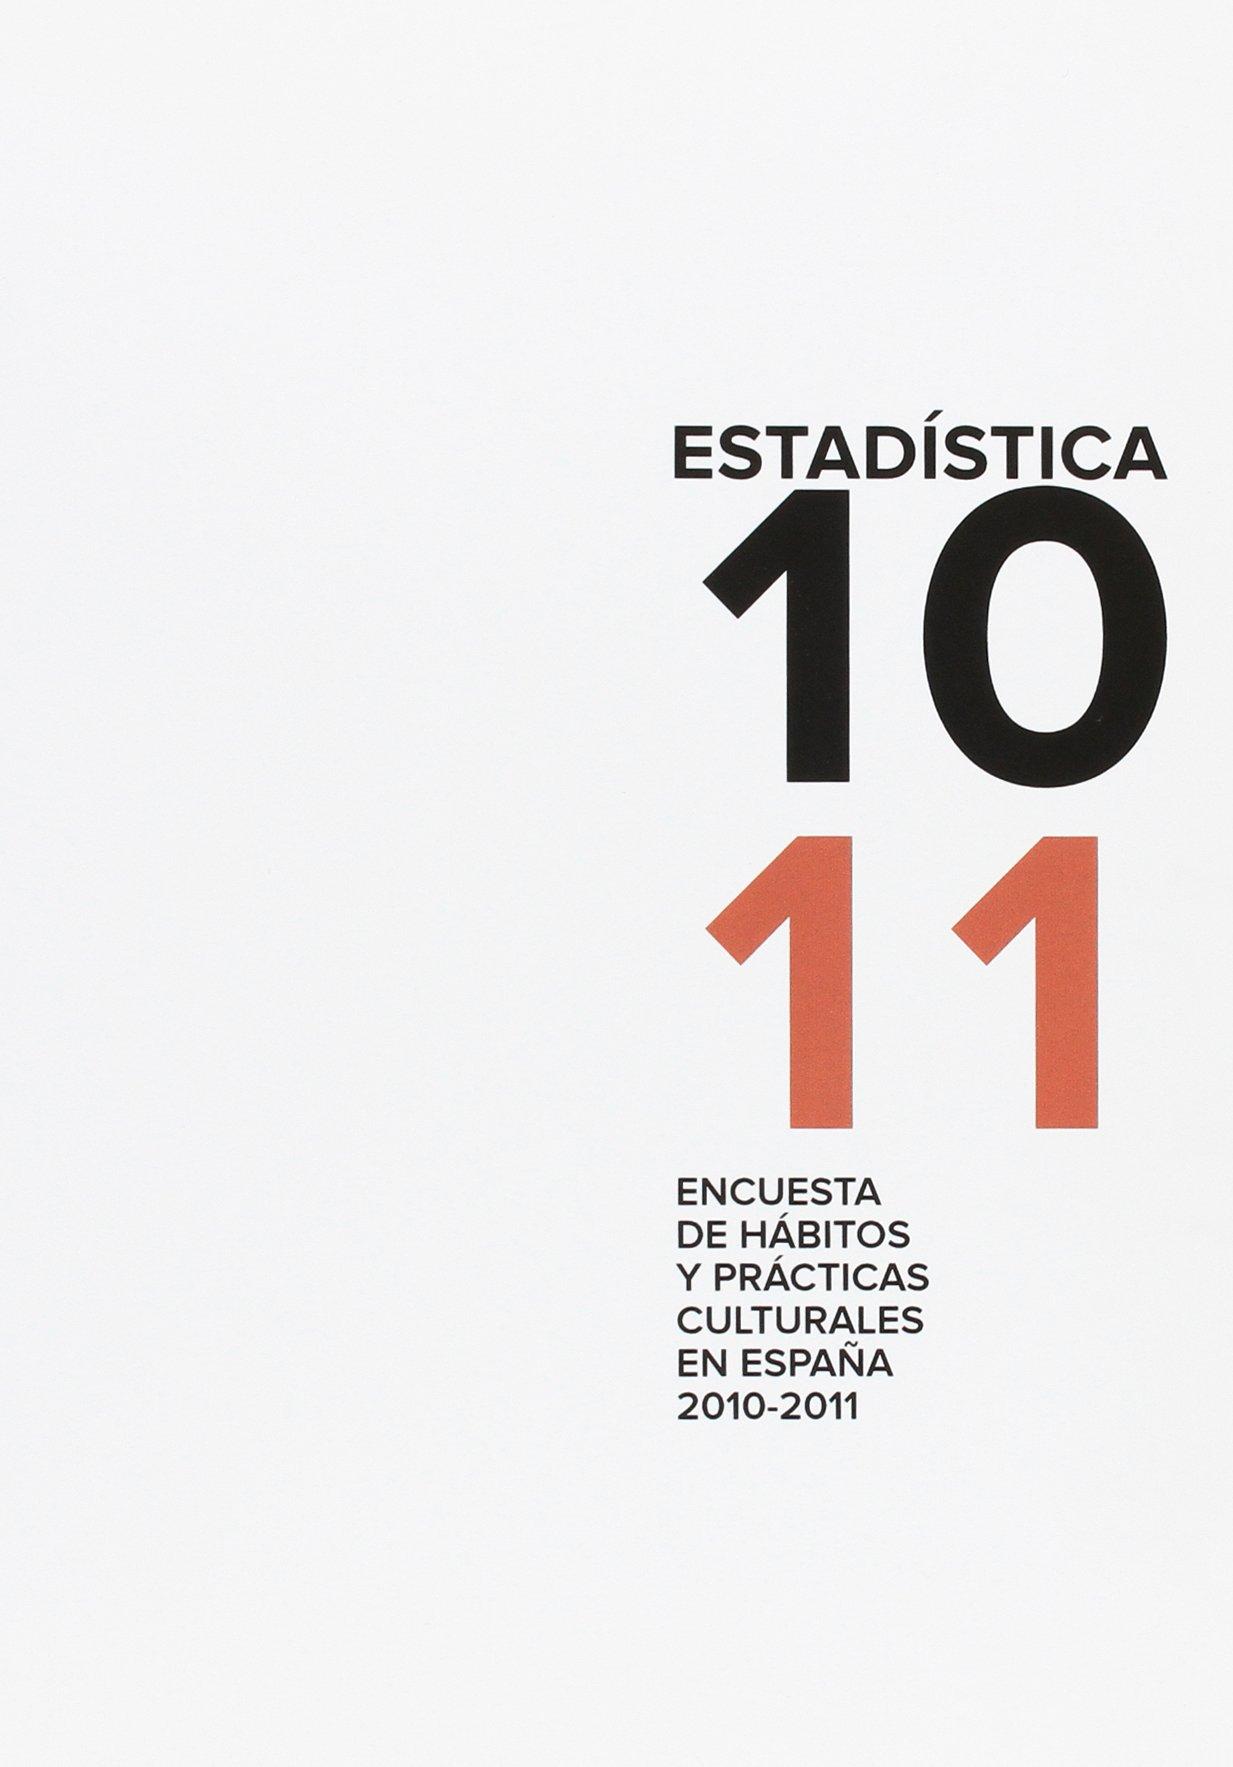 Encuesta de hábitos y prácticas culturales en España 2010-2011 ...